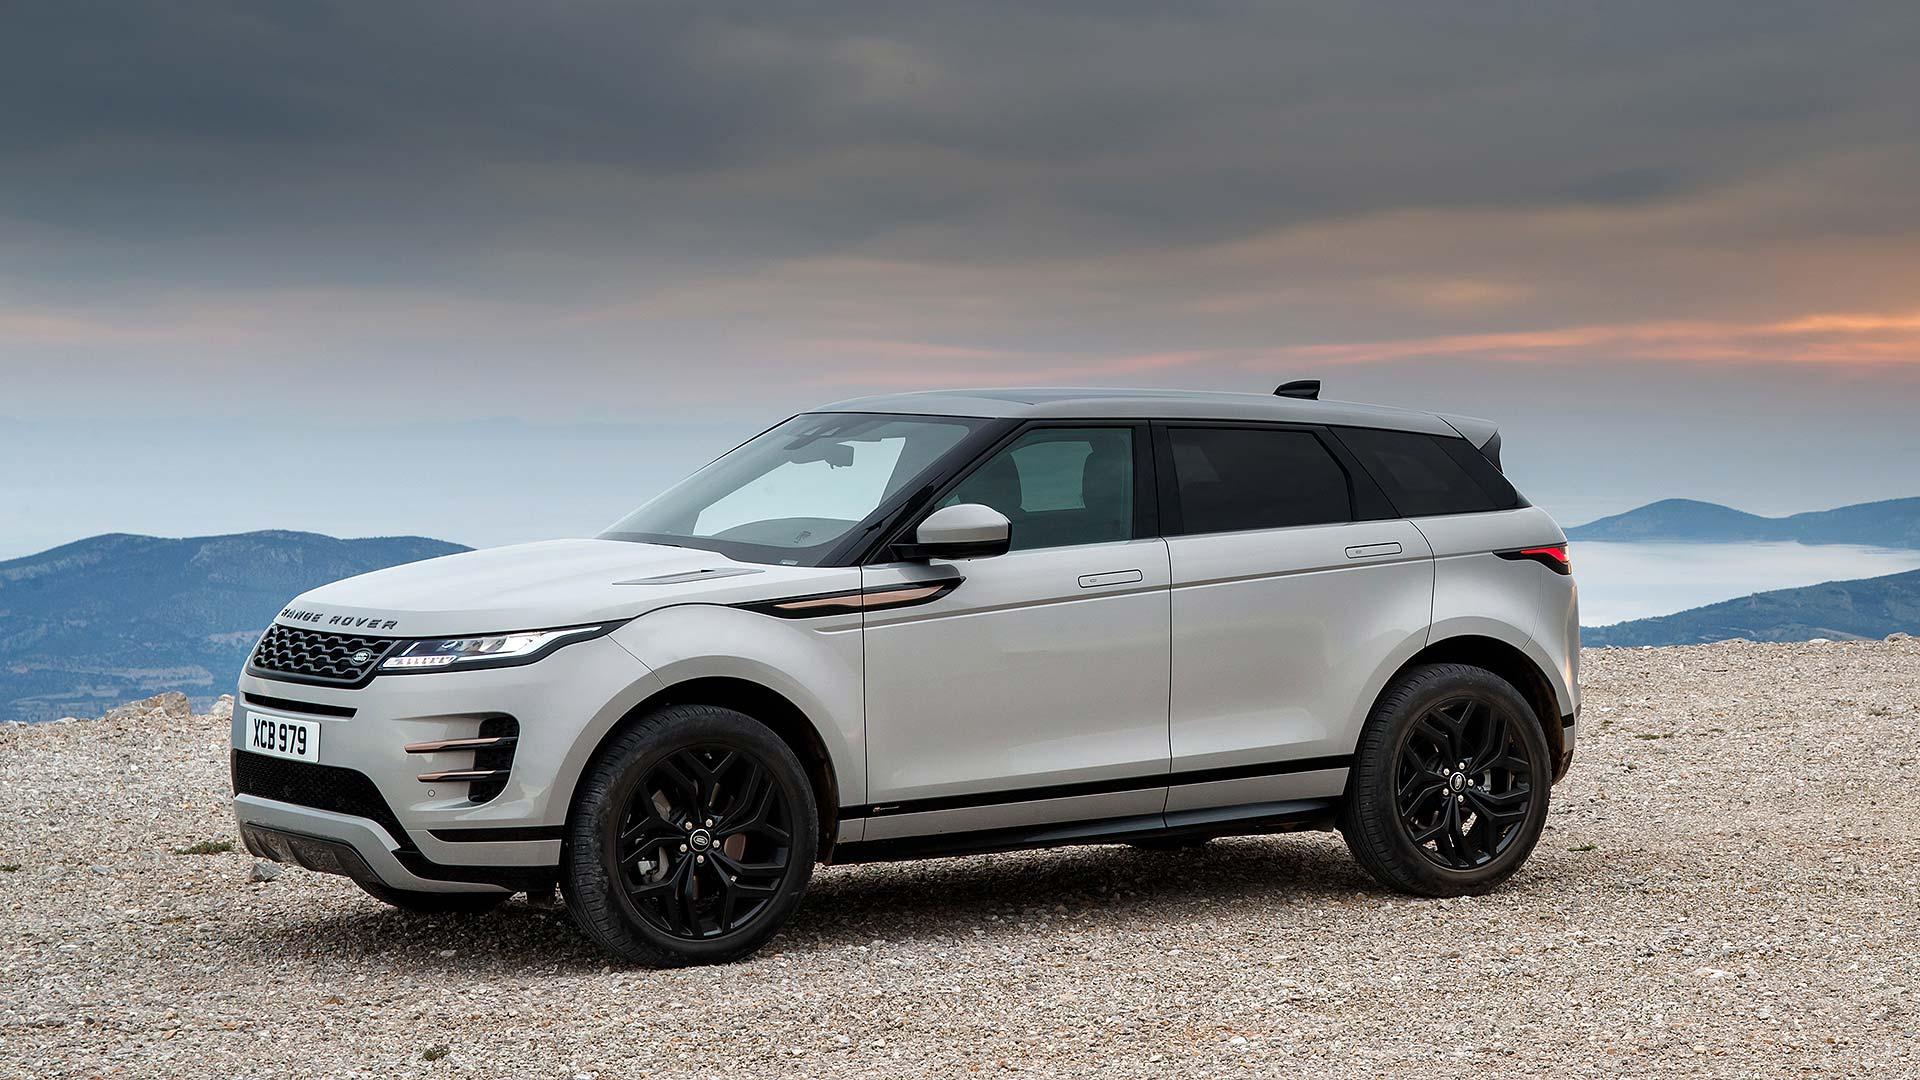 2019 Range Rover Evoque review: Remastered original ...